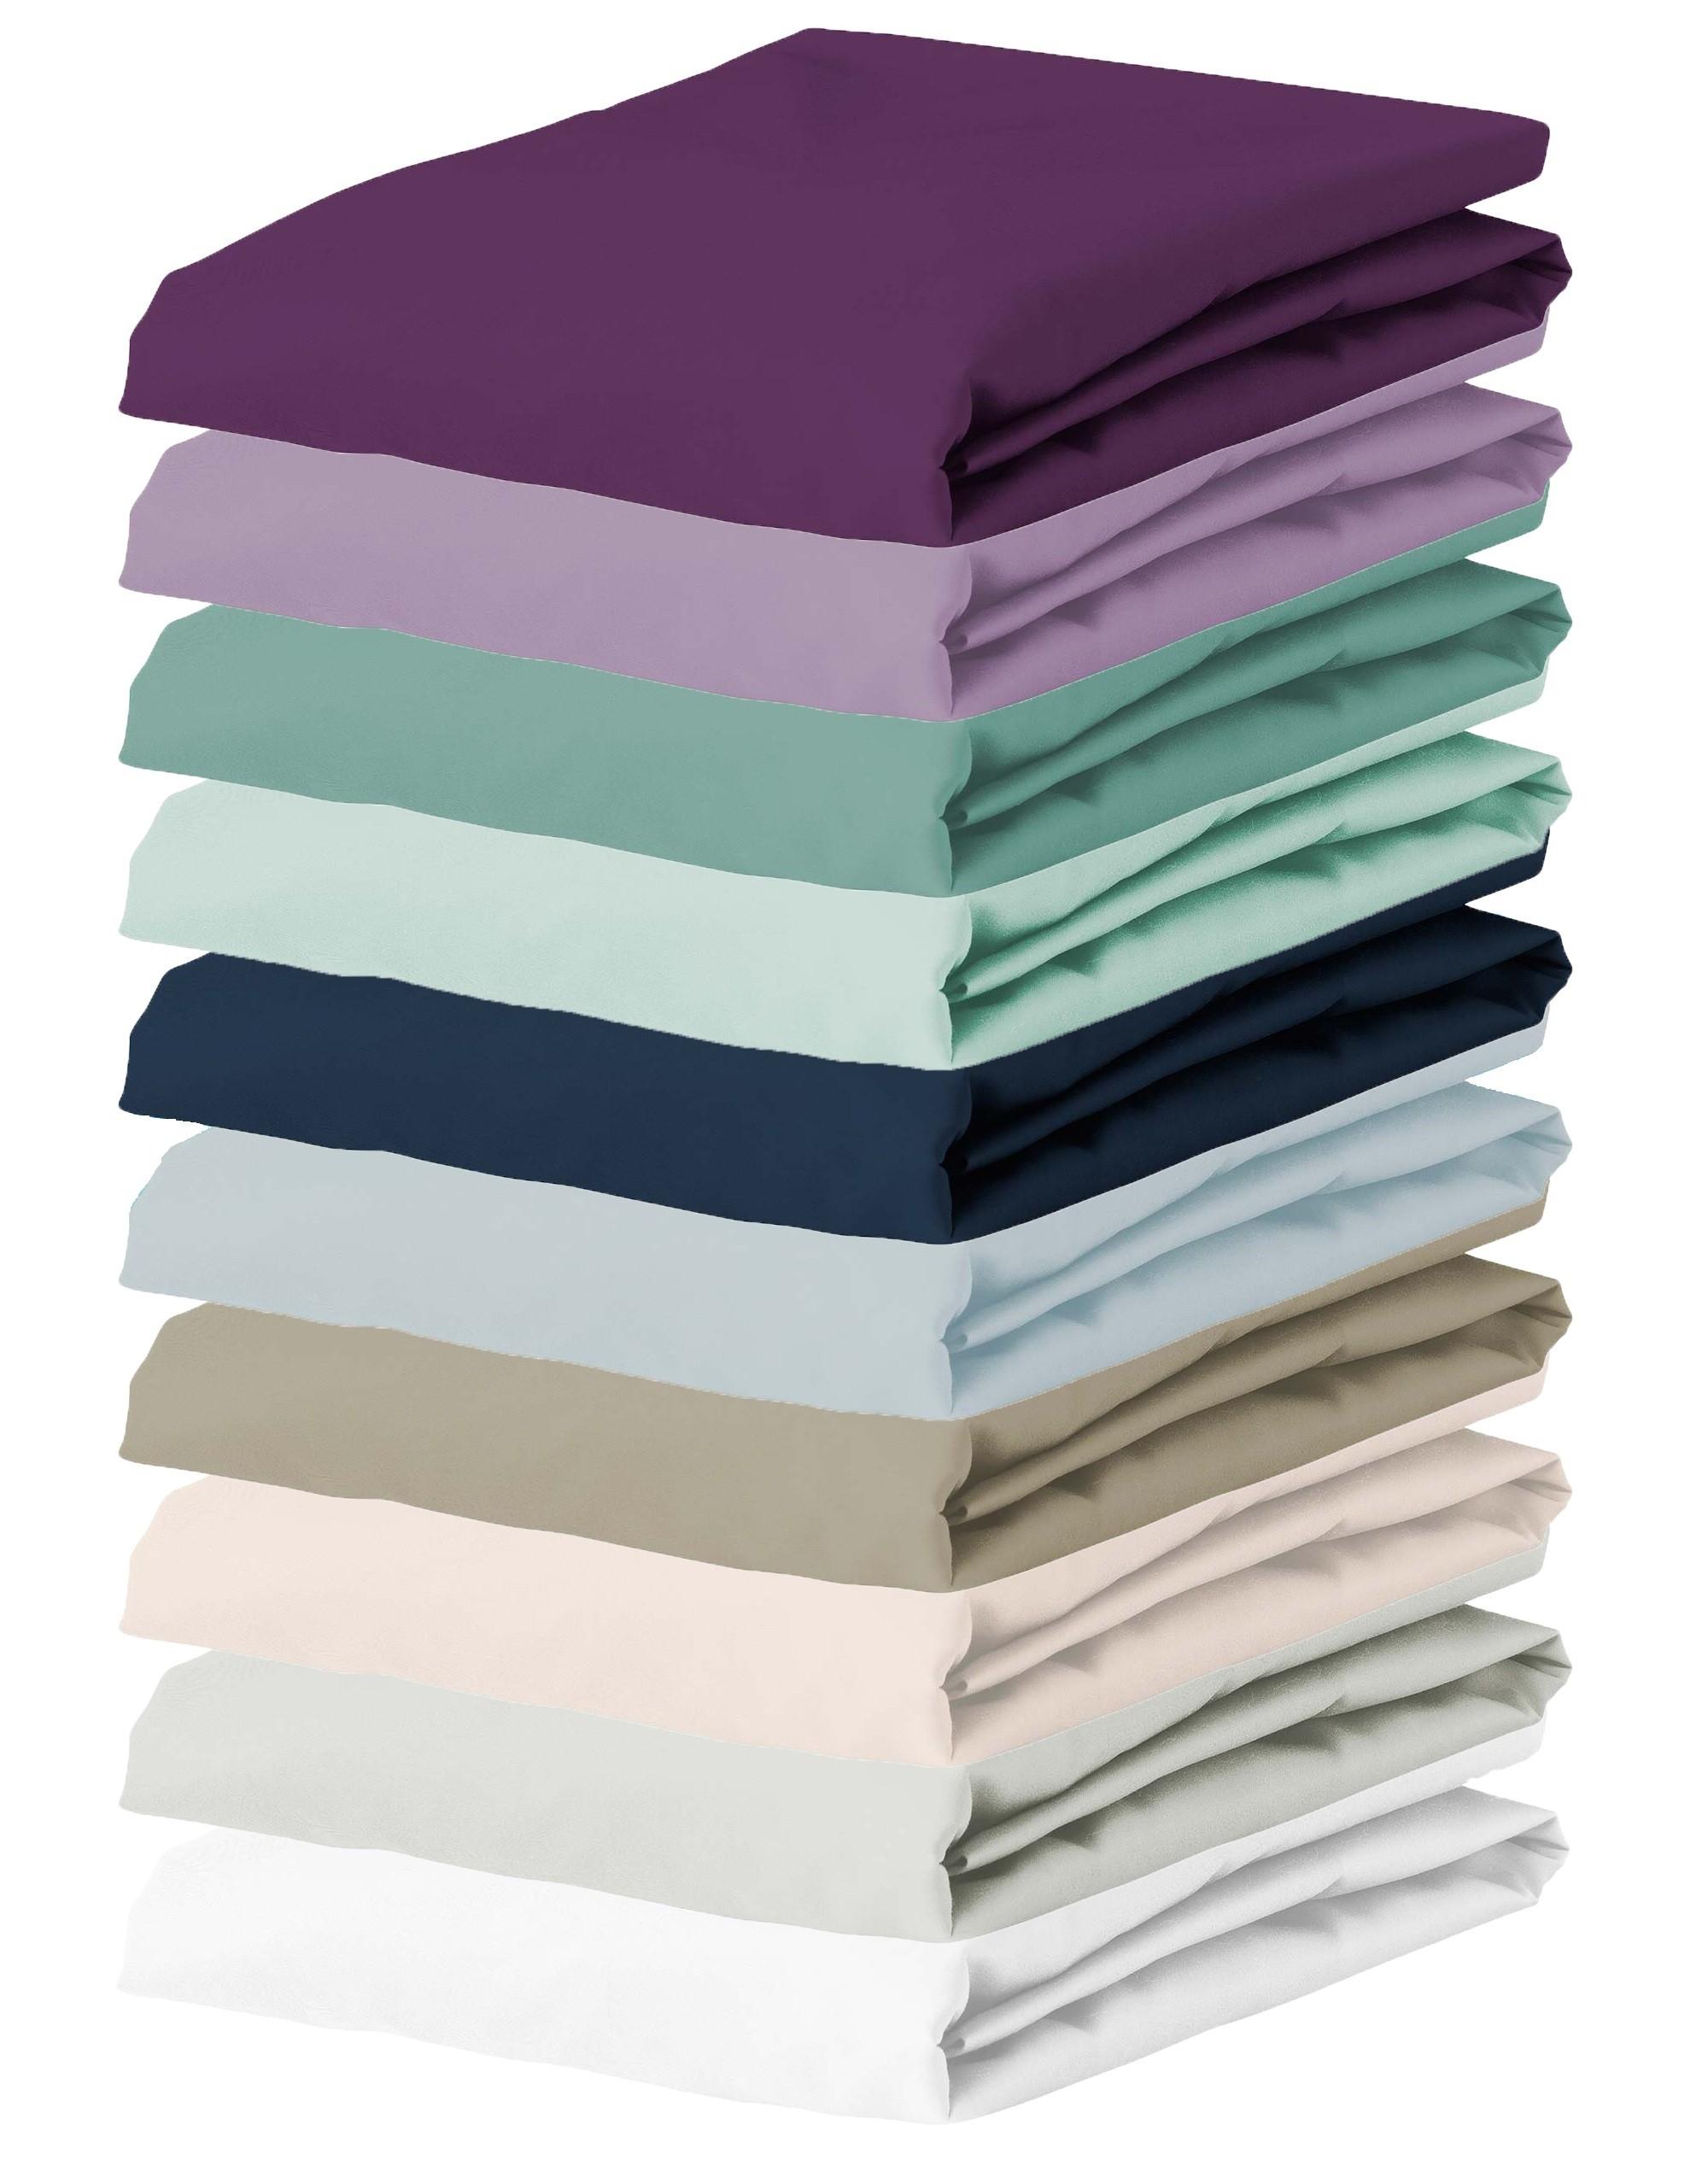 Højmoderne Køb Essenza Premium Jersey Lagen i Mint her JF-04